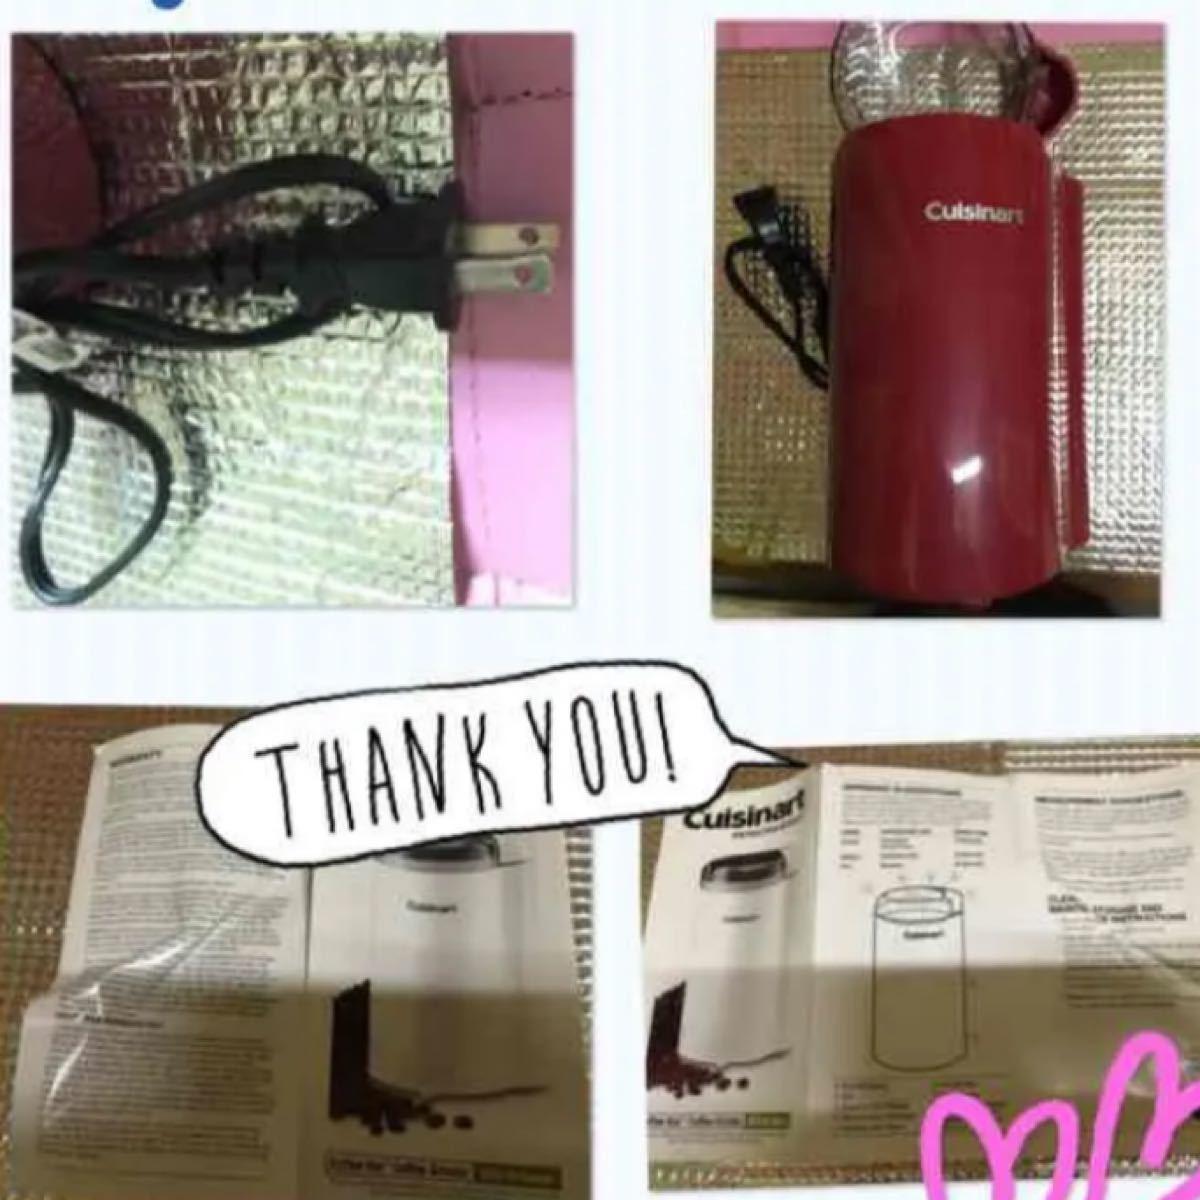 クイジナートcuisinart grinderコーヒーミル電動グラインダー日本未発売カラーレッドUSA